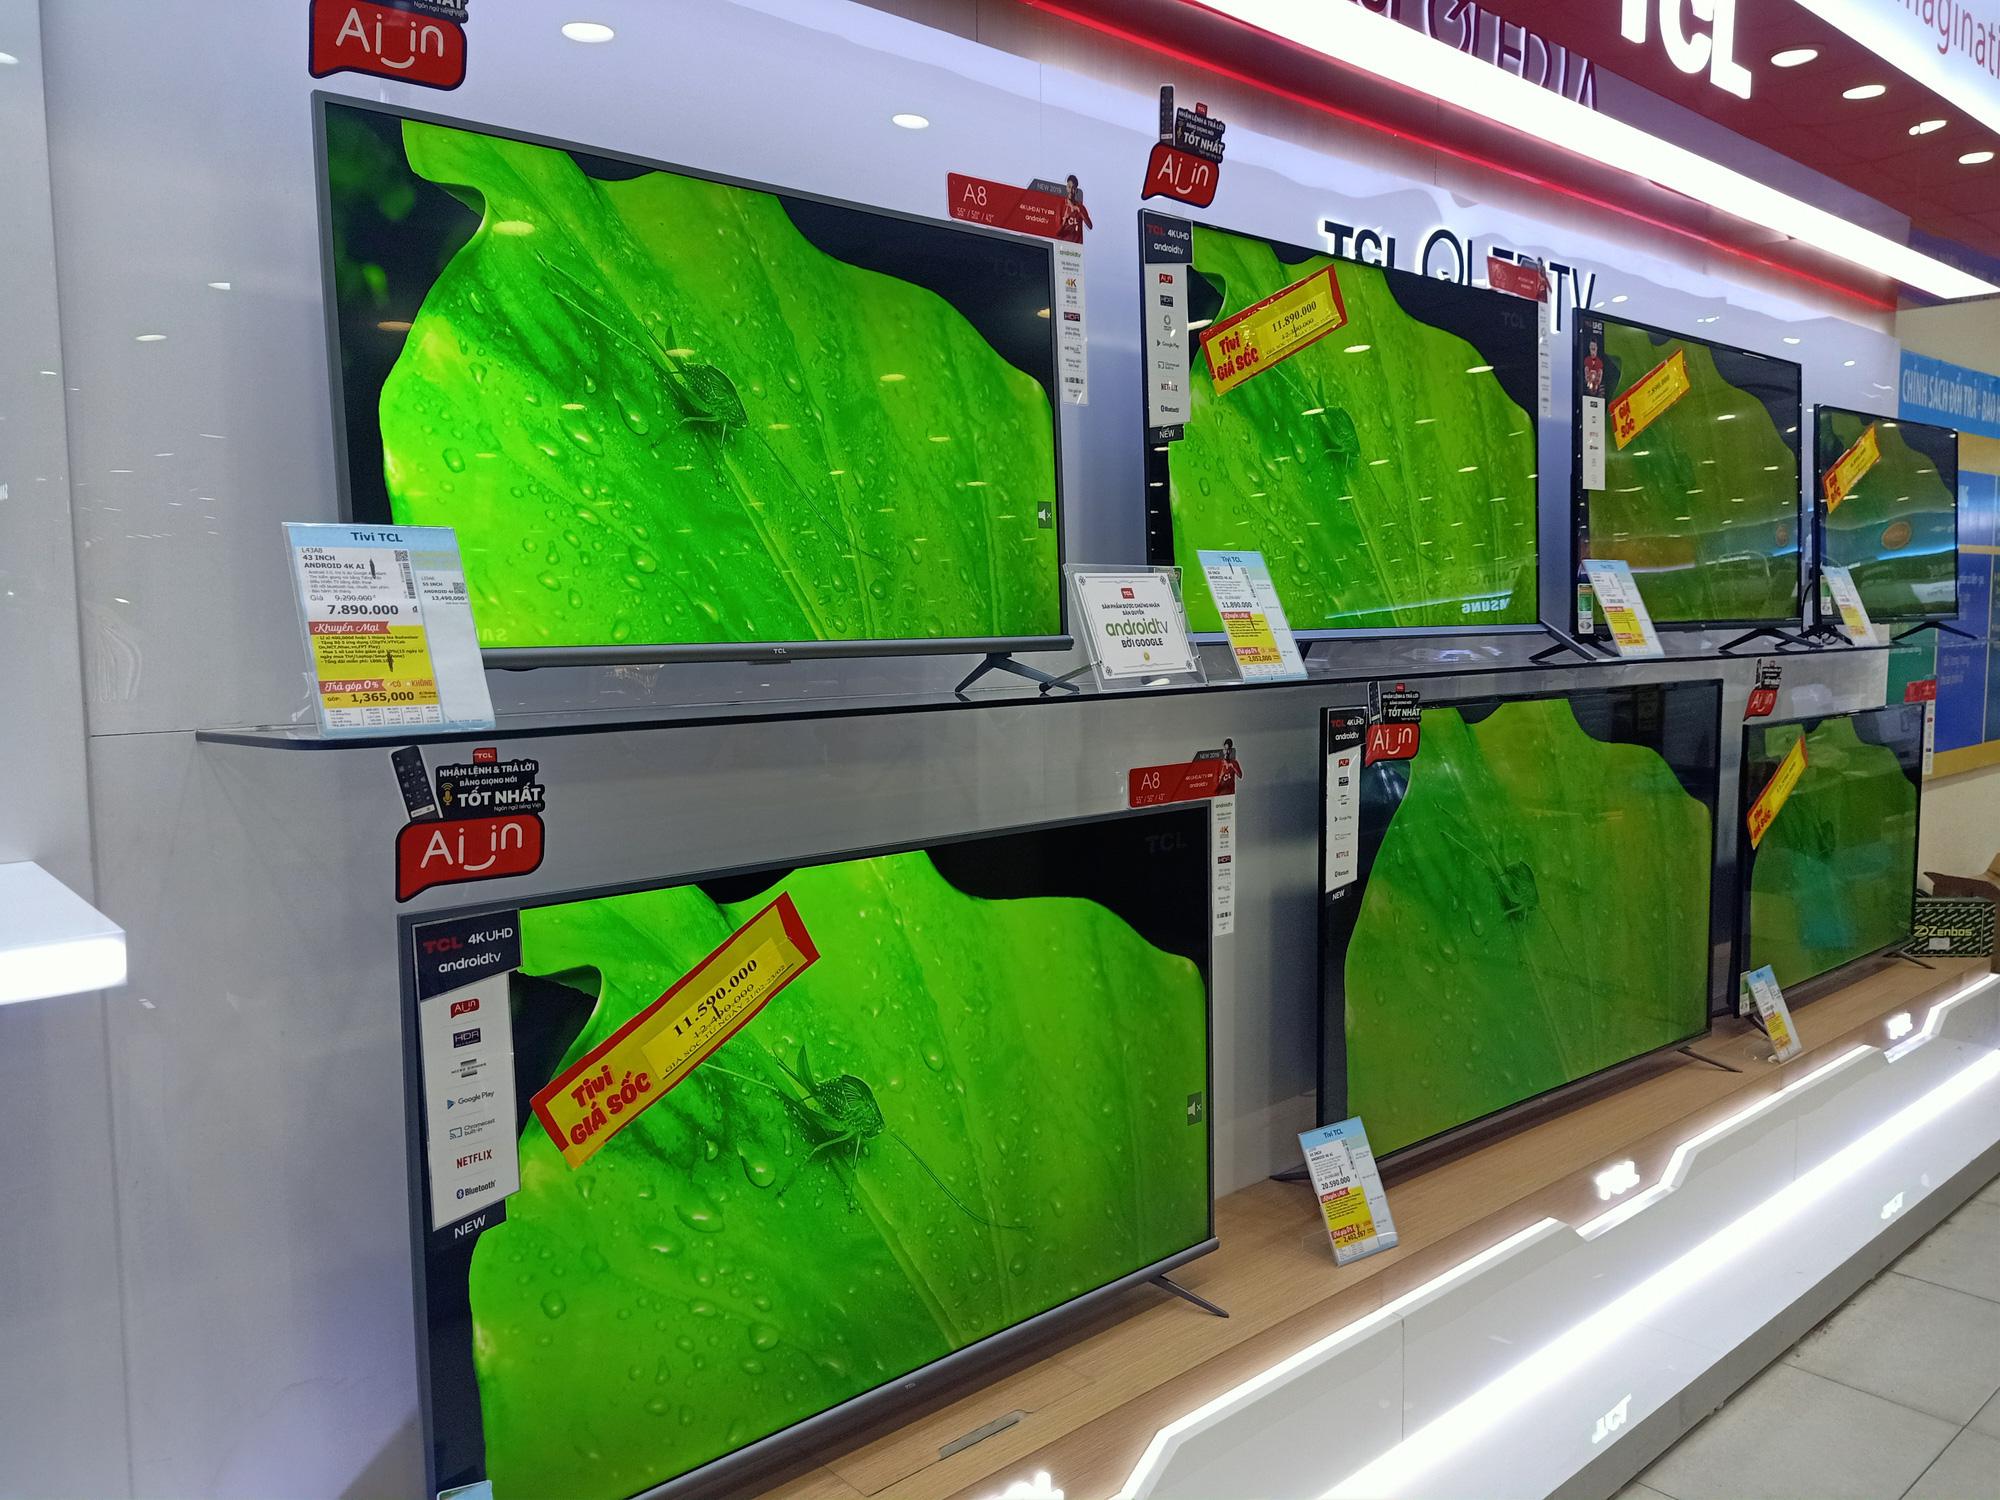 Tivi giảm giá ngập tràn kích cầu mua sắm trong mùa dịch bệnh Covid-19 - Ảnh 4.